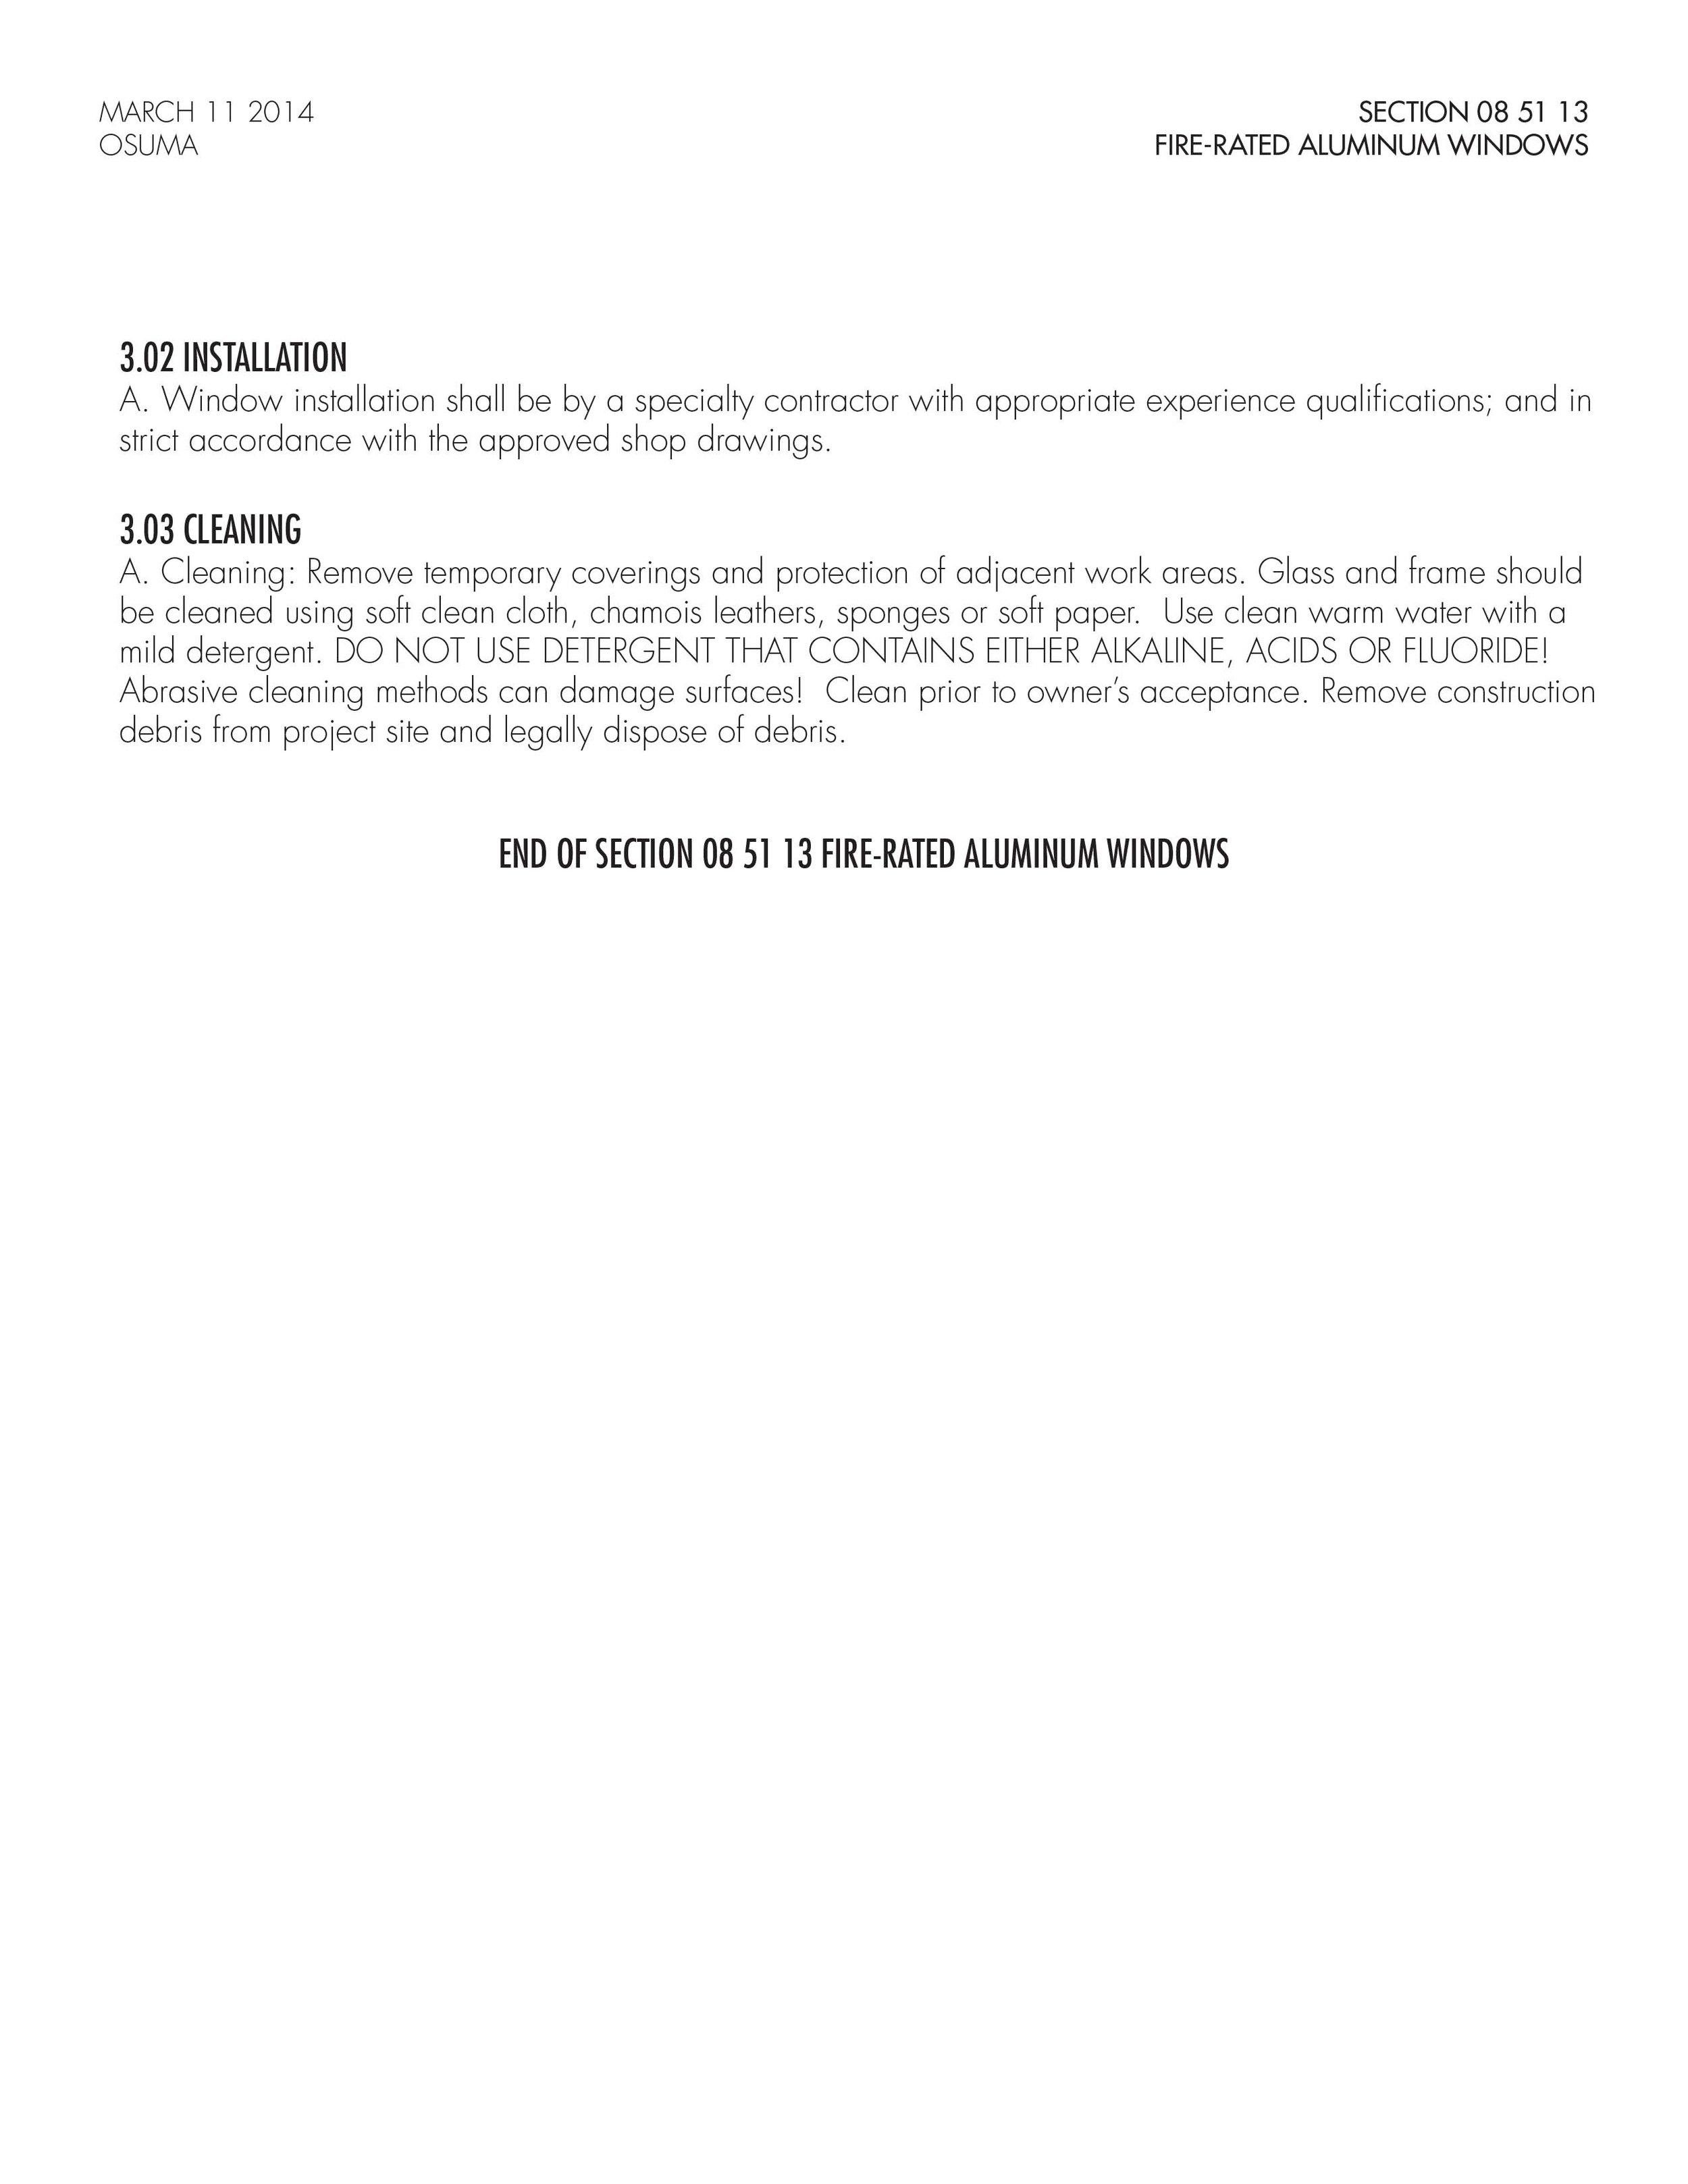 specification-11.jpg